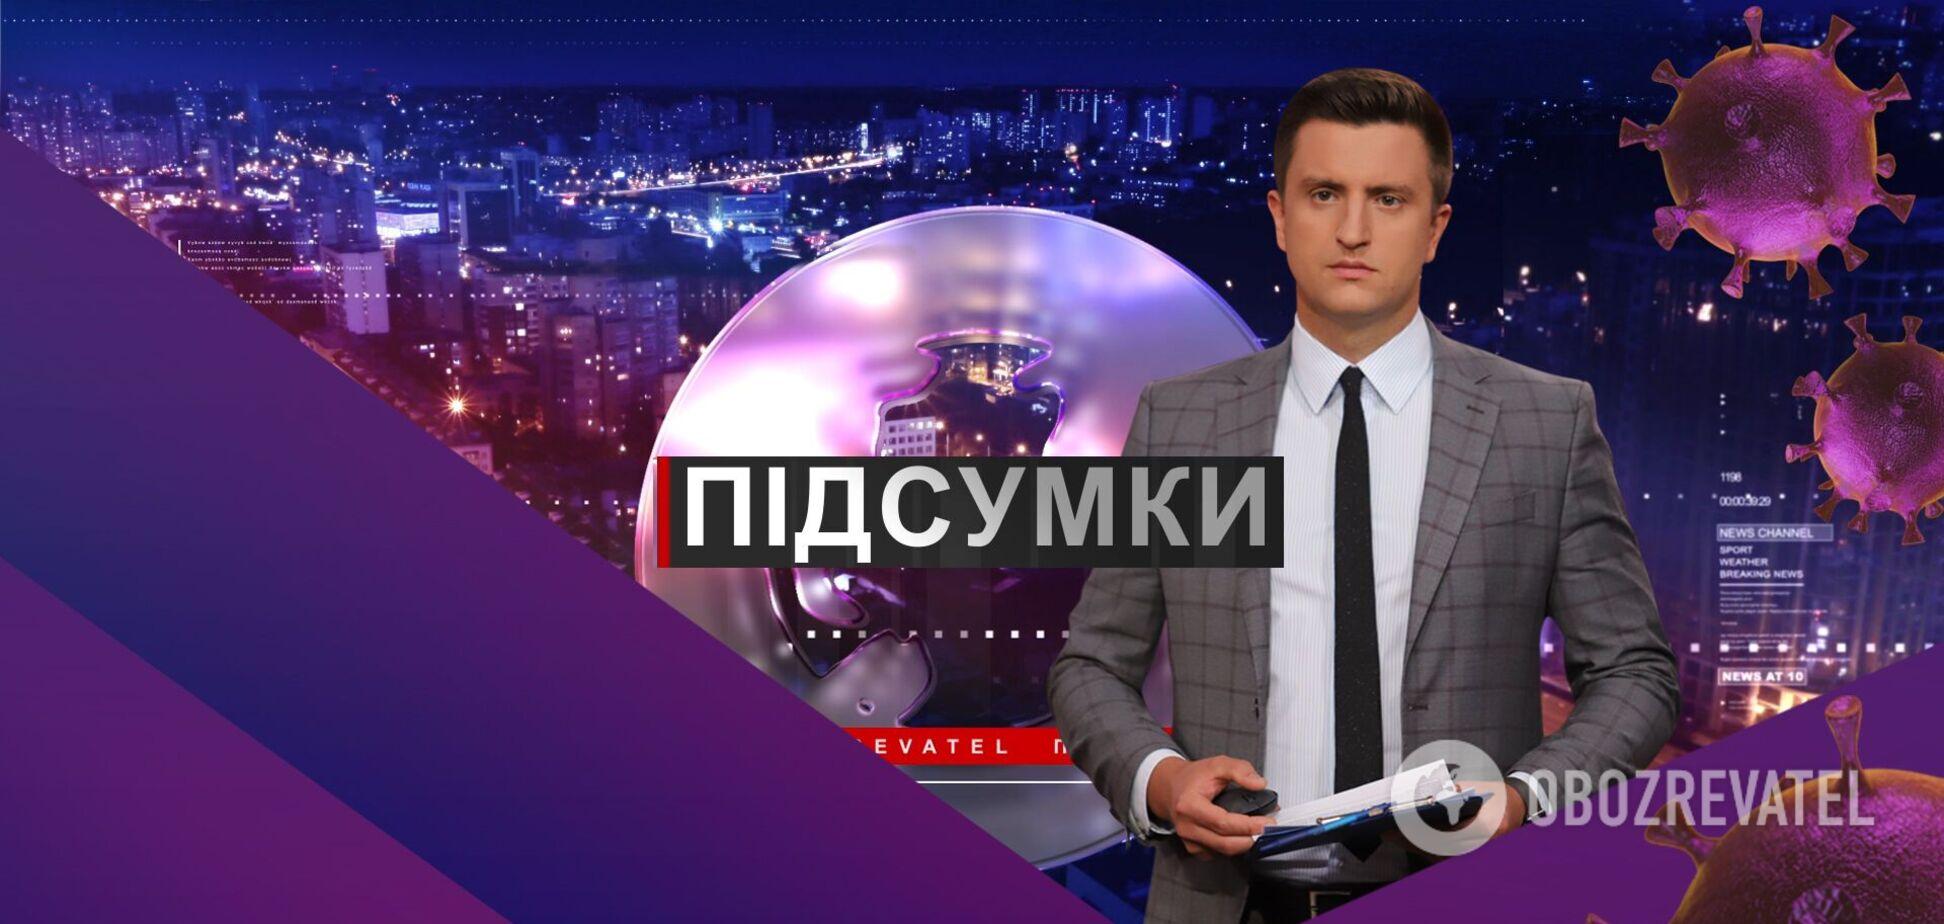 Підсумки дня з Вадимом Колодійчуком. П'ятниця, 4 грудня